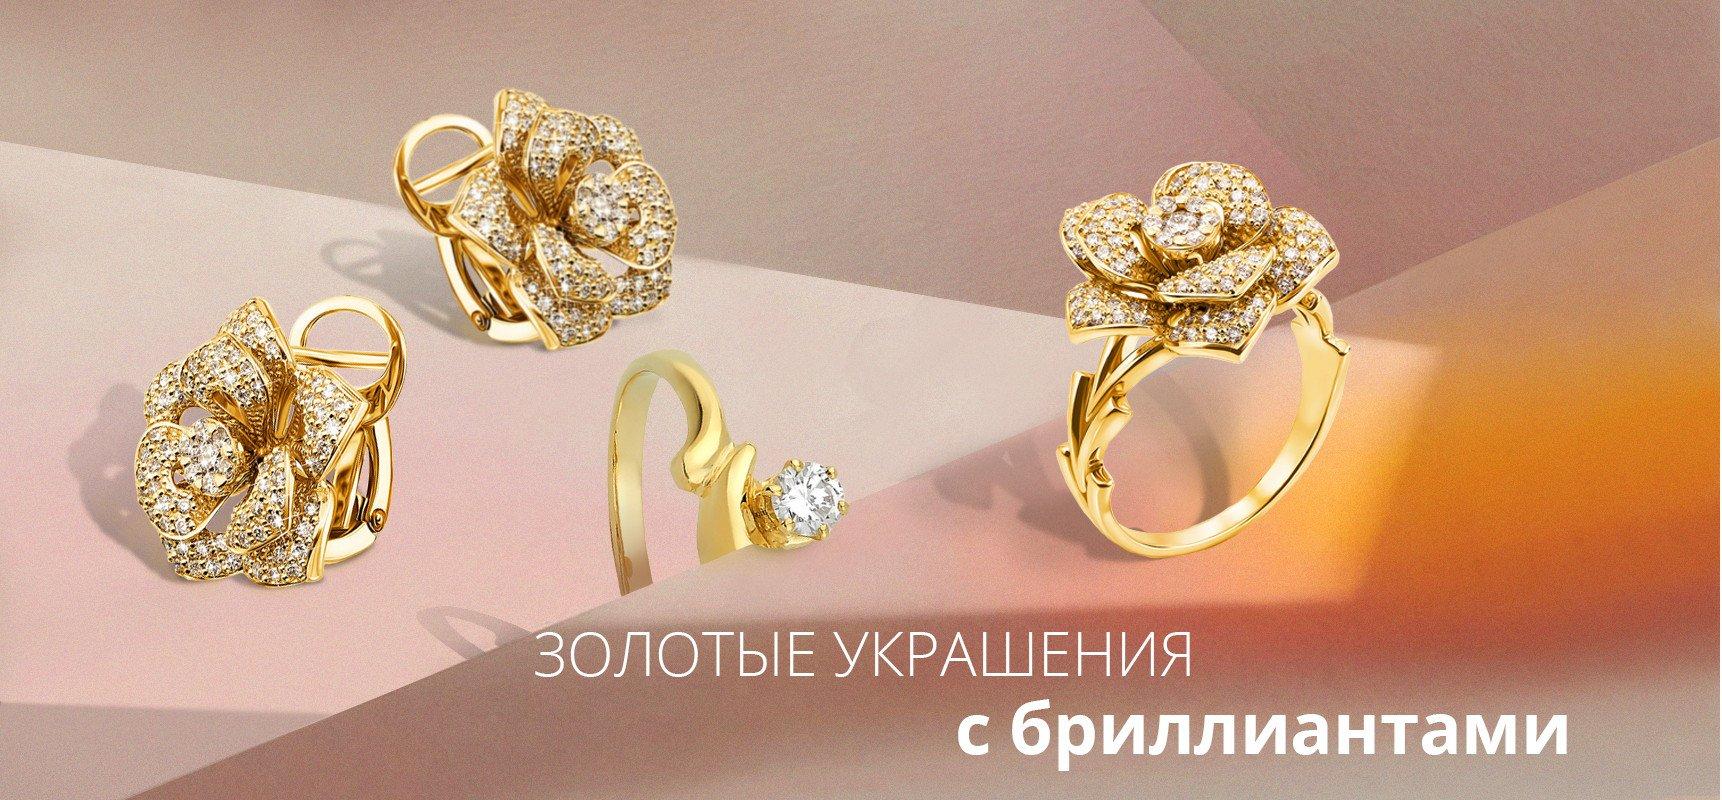 b5721ceac4c7 Укрзолото — ювелирные изделия и украшения в интернет магазине ...